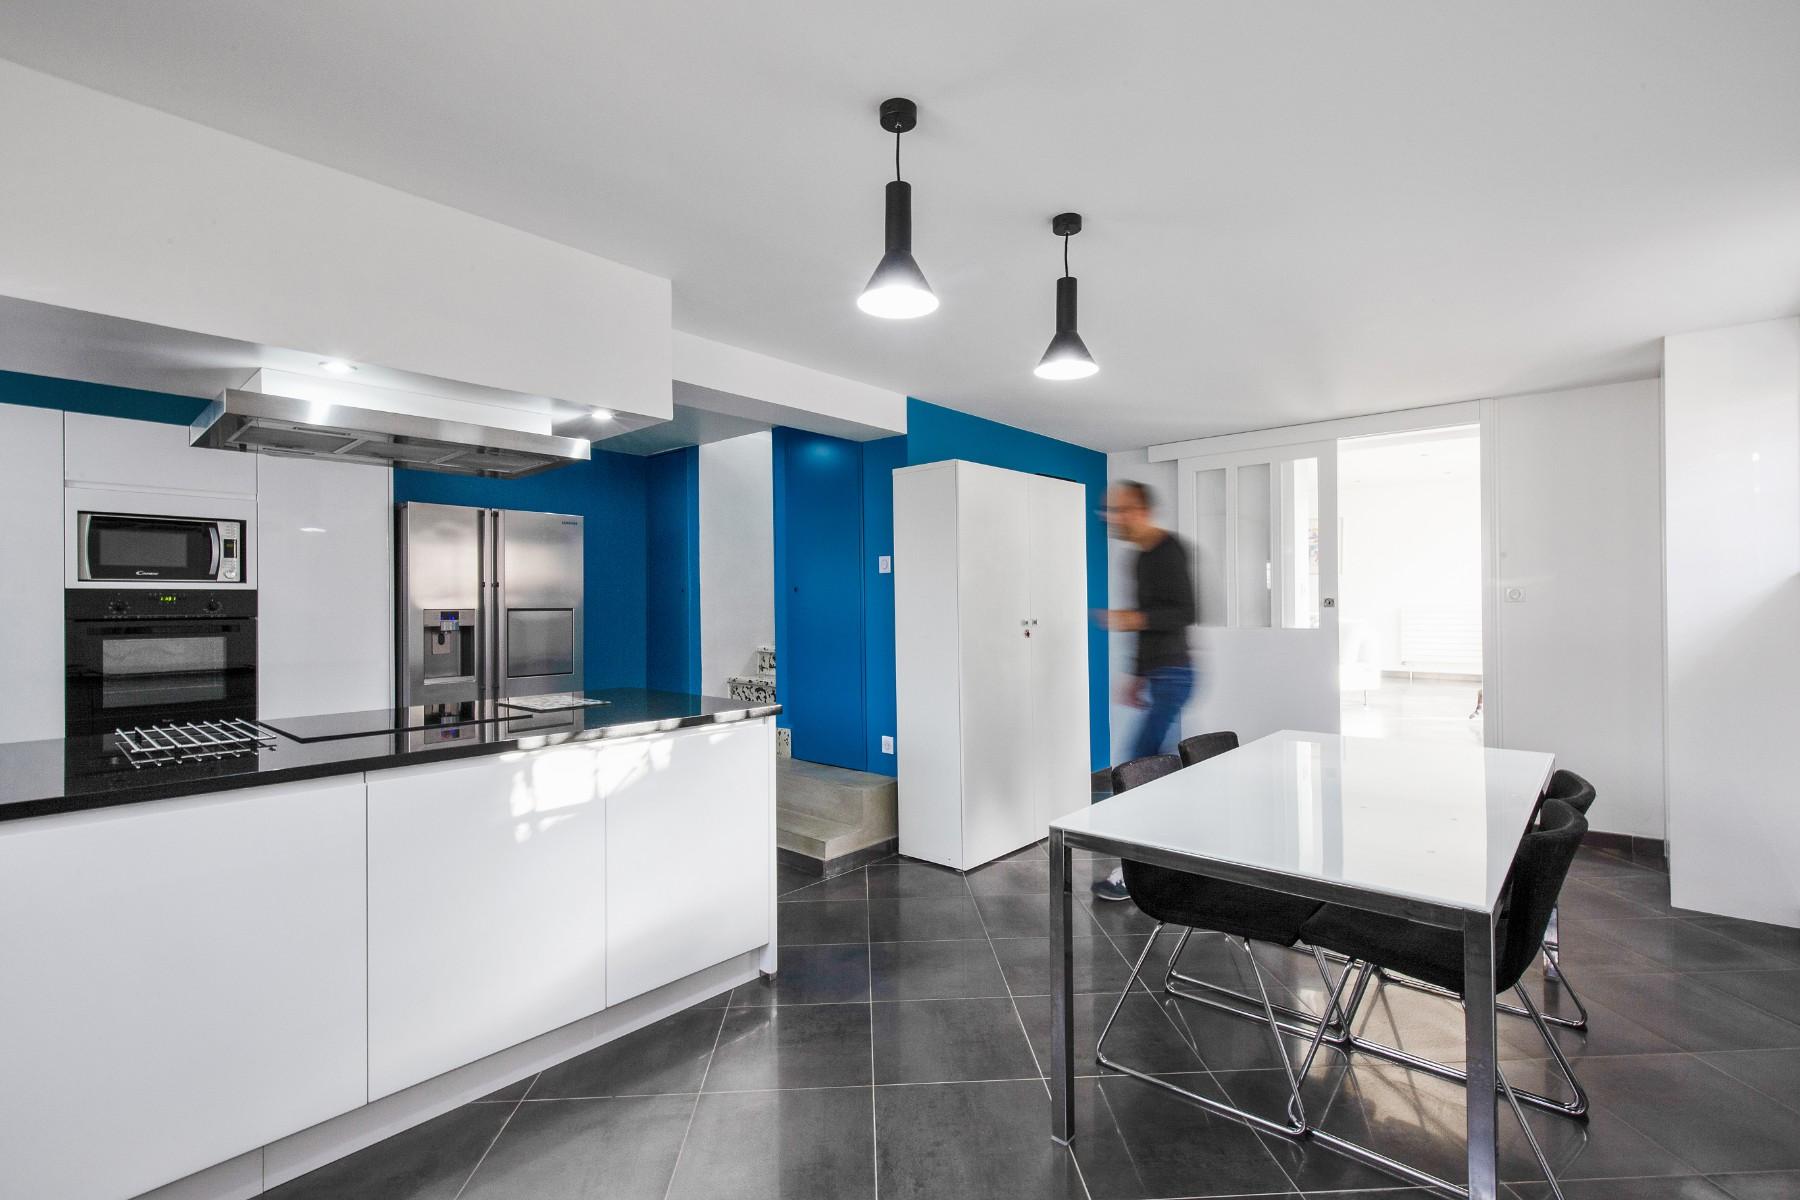 Travaux de rénovation par un architecte Archibien, rénovation d'une cuisine, entrée, salon, entrée